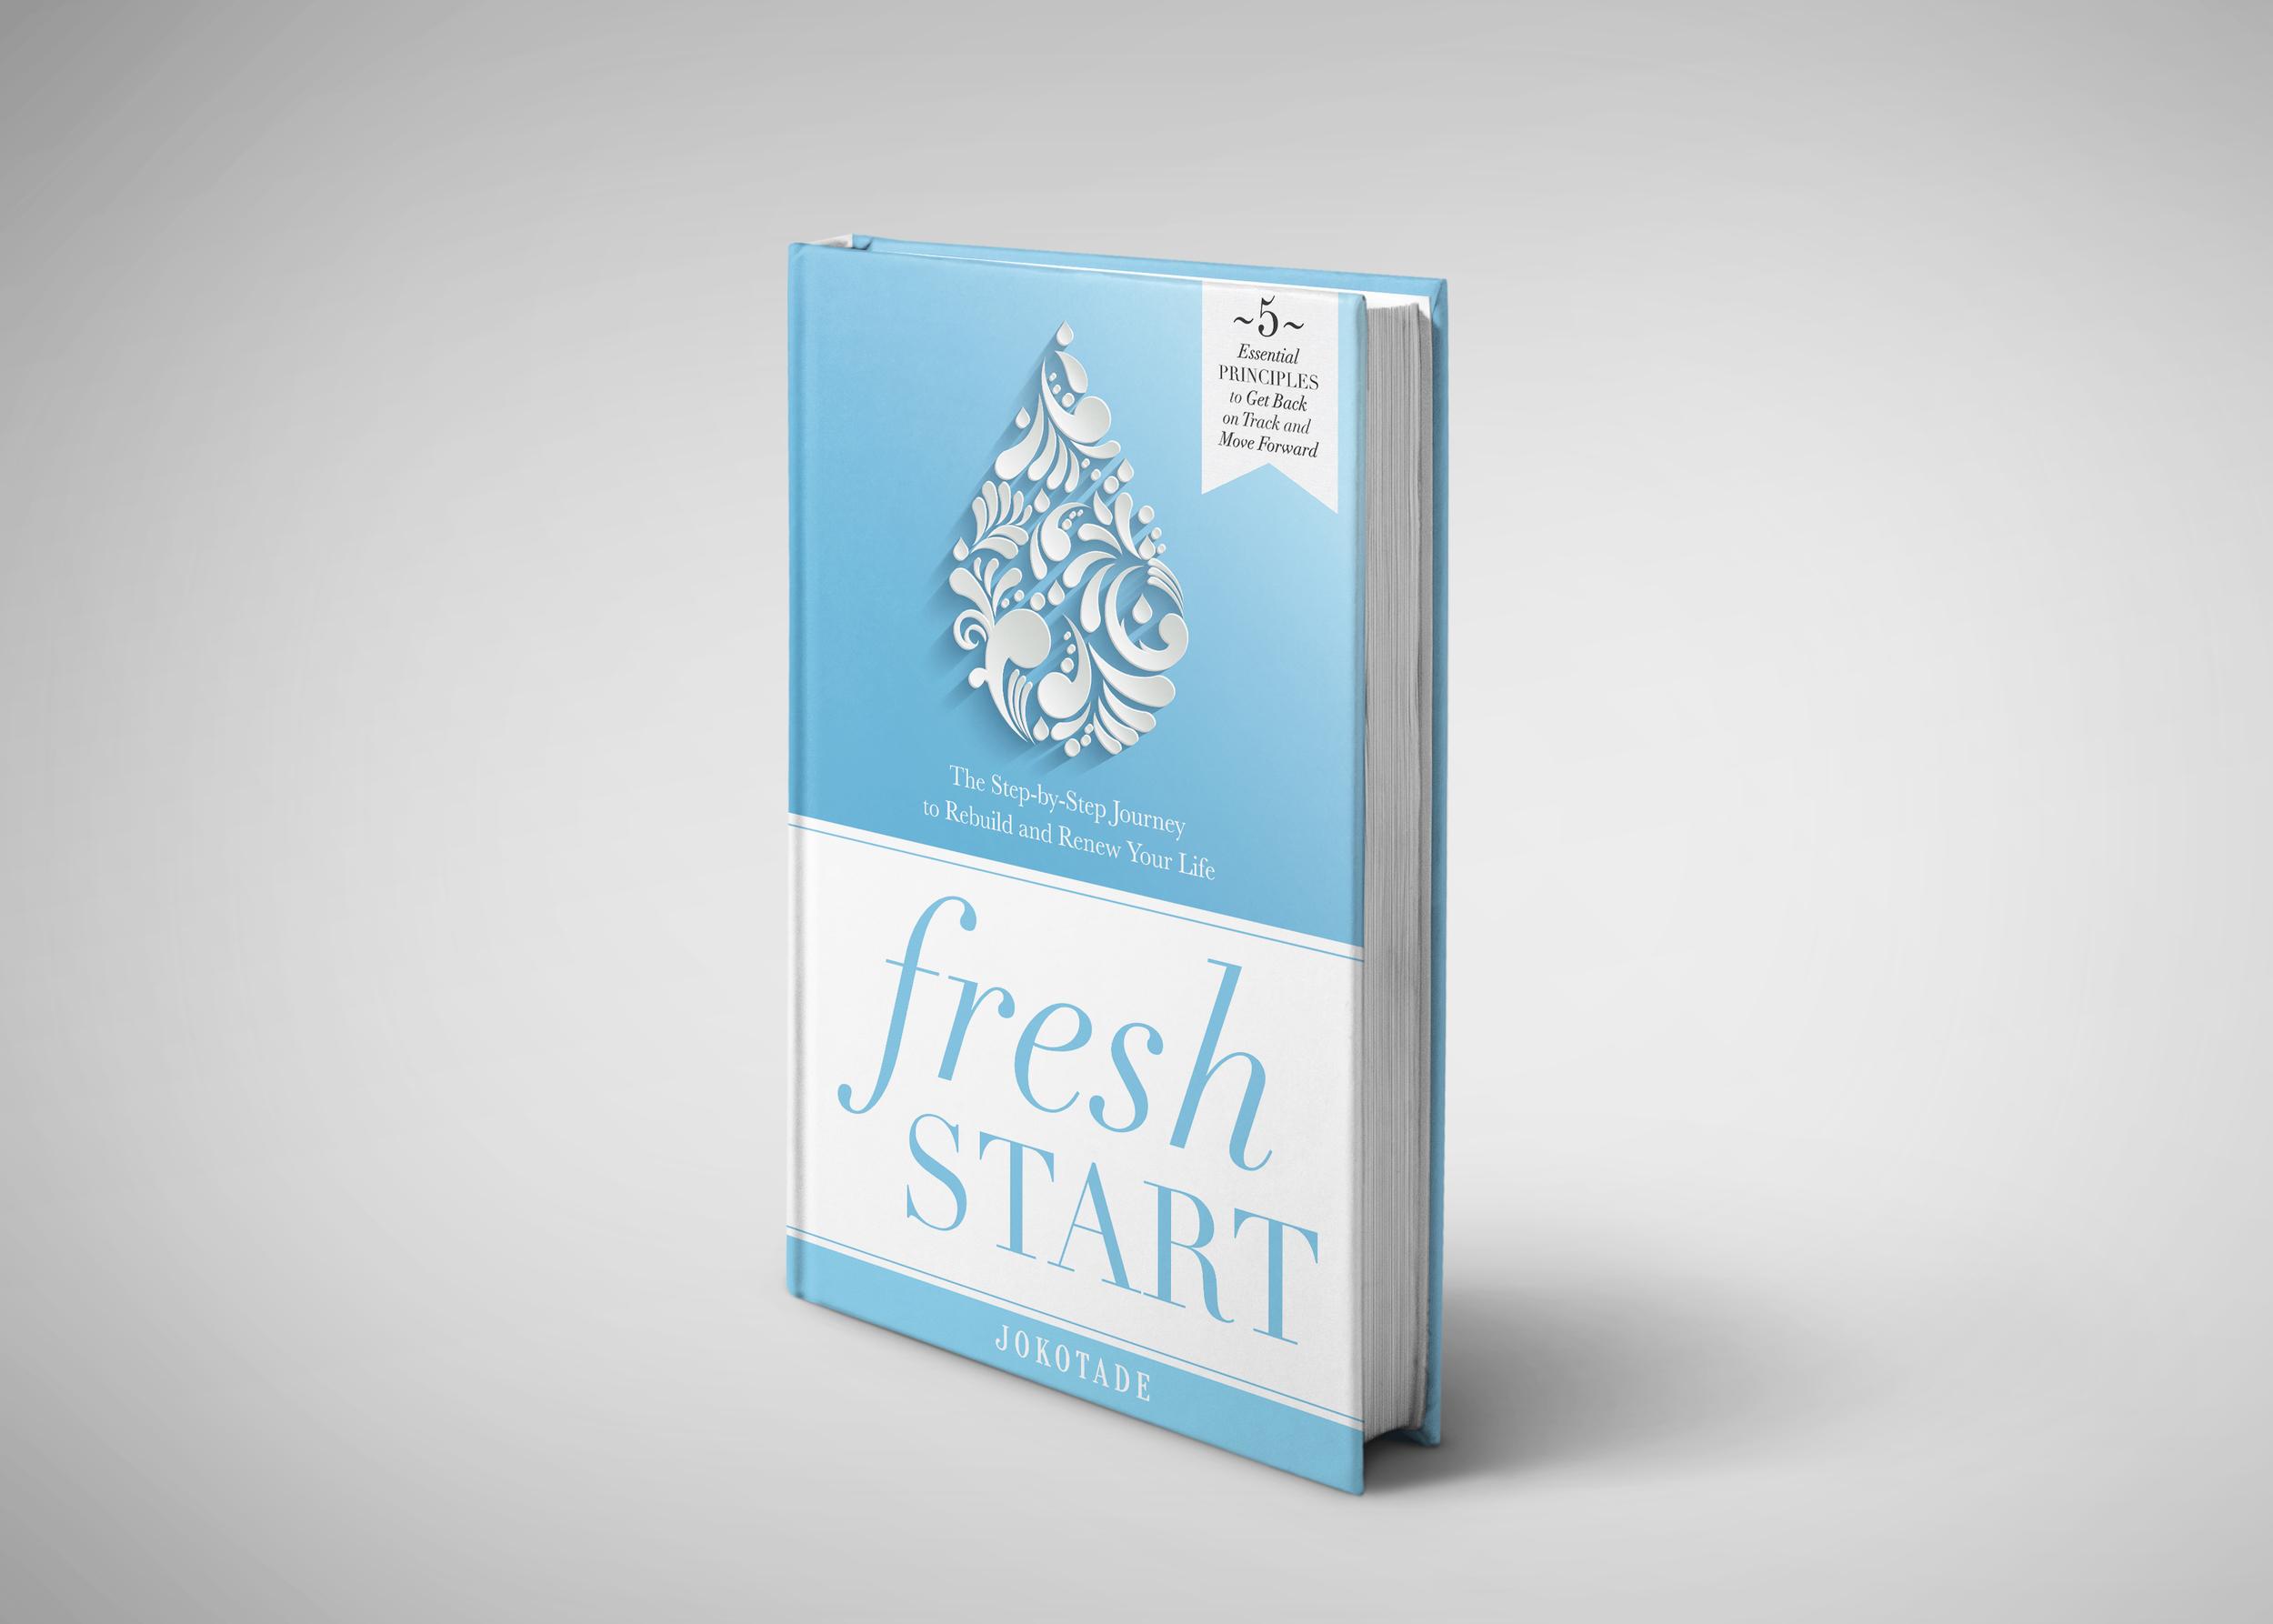 Fresh Start Book by Jokotade